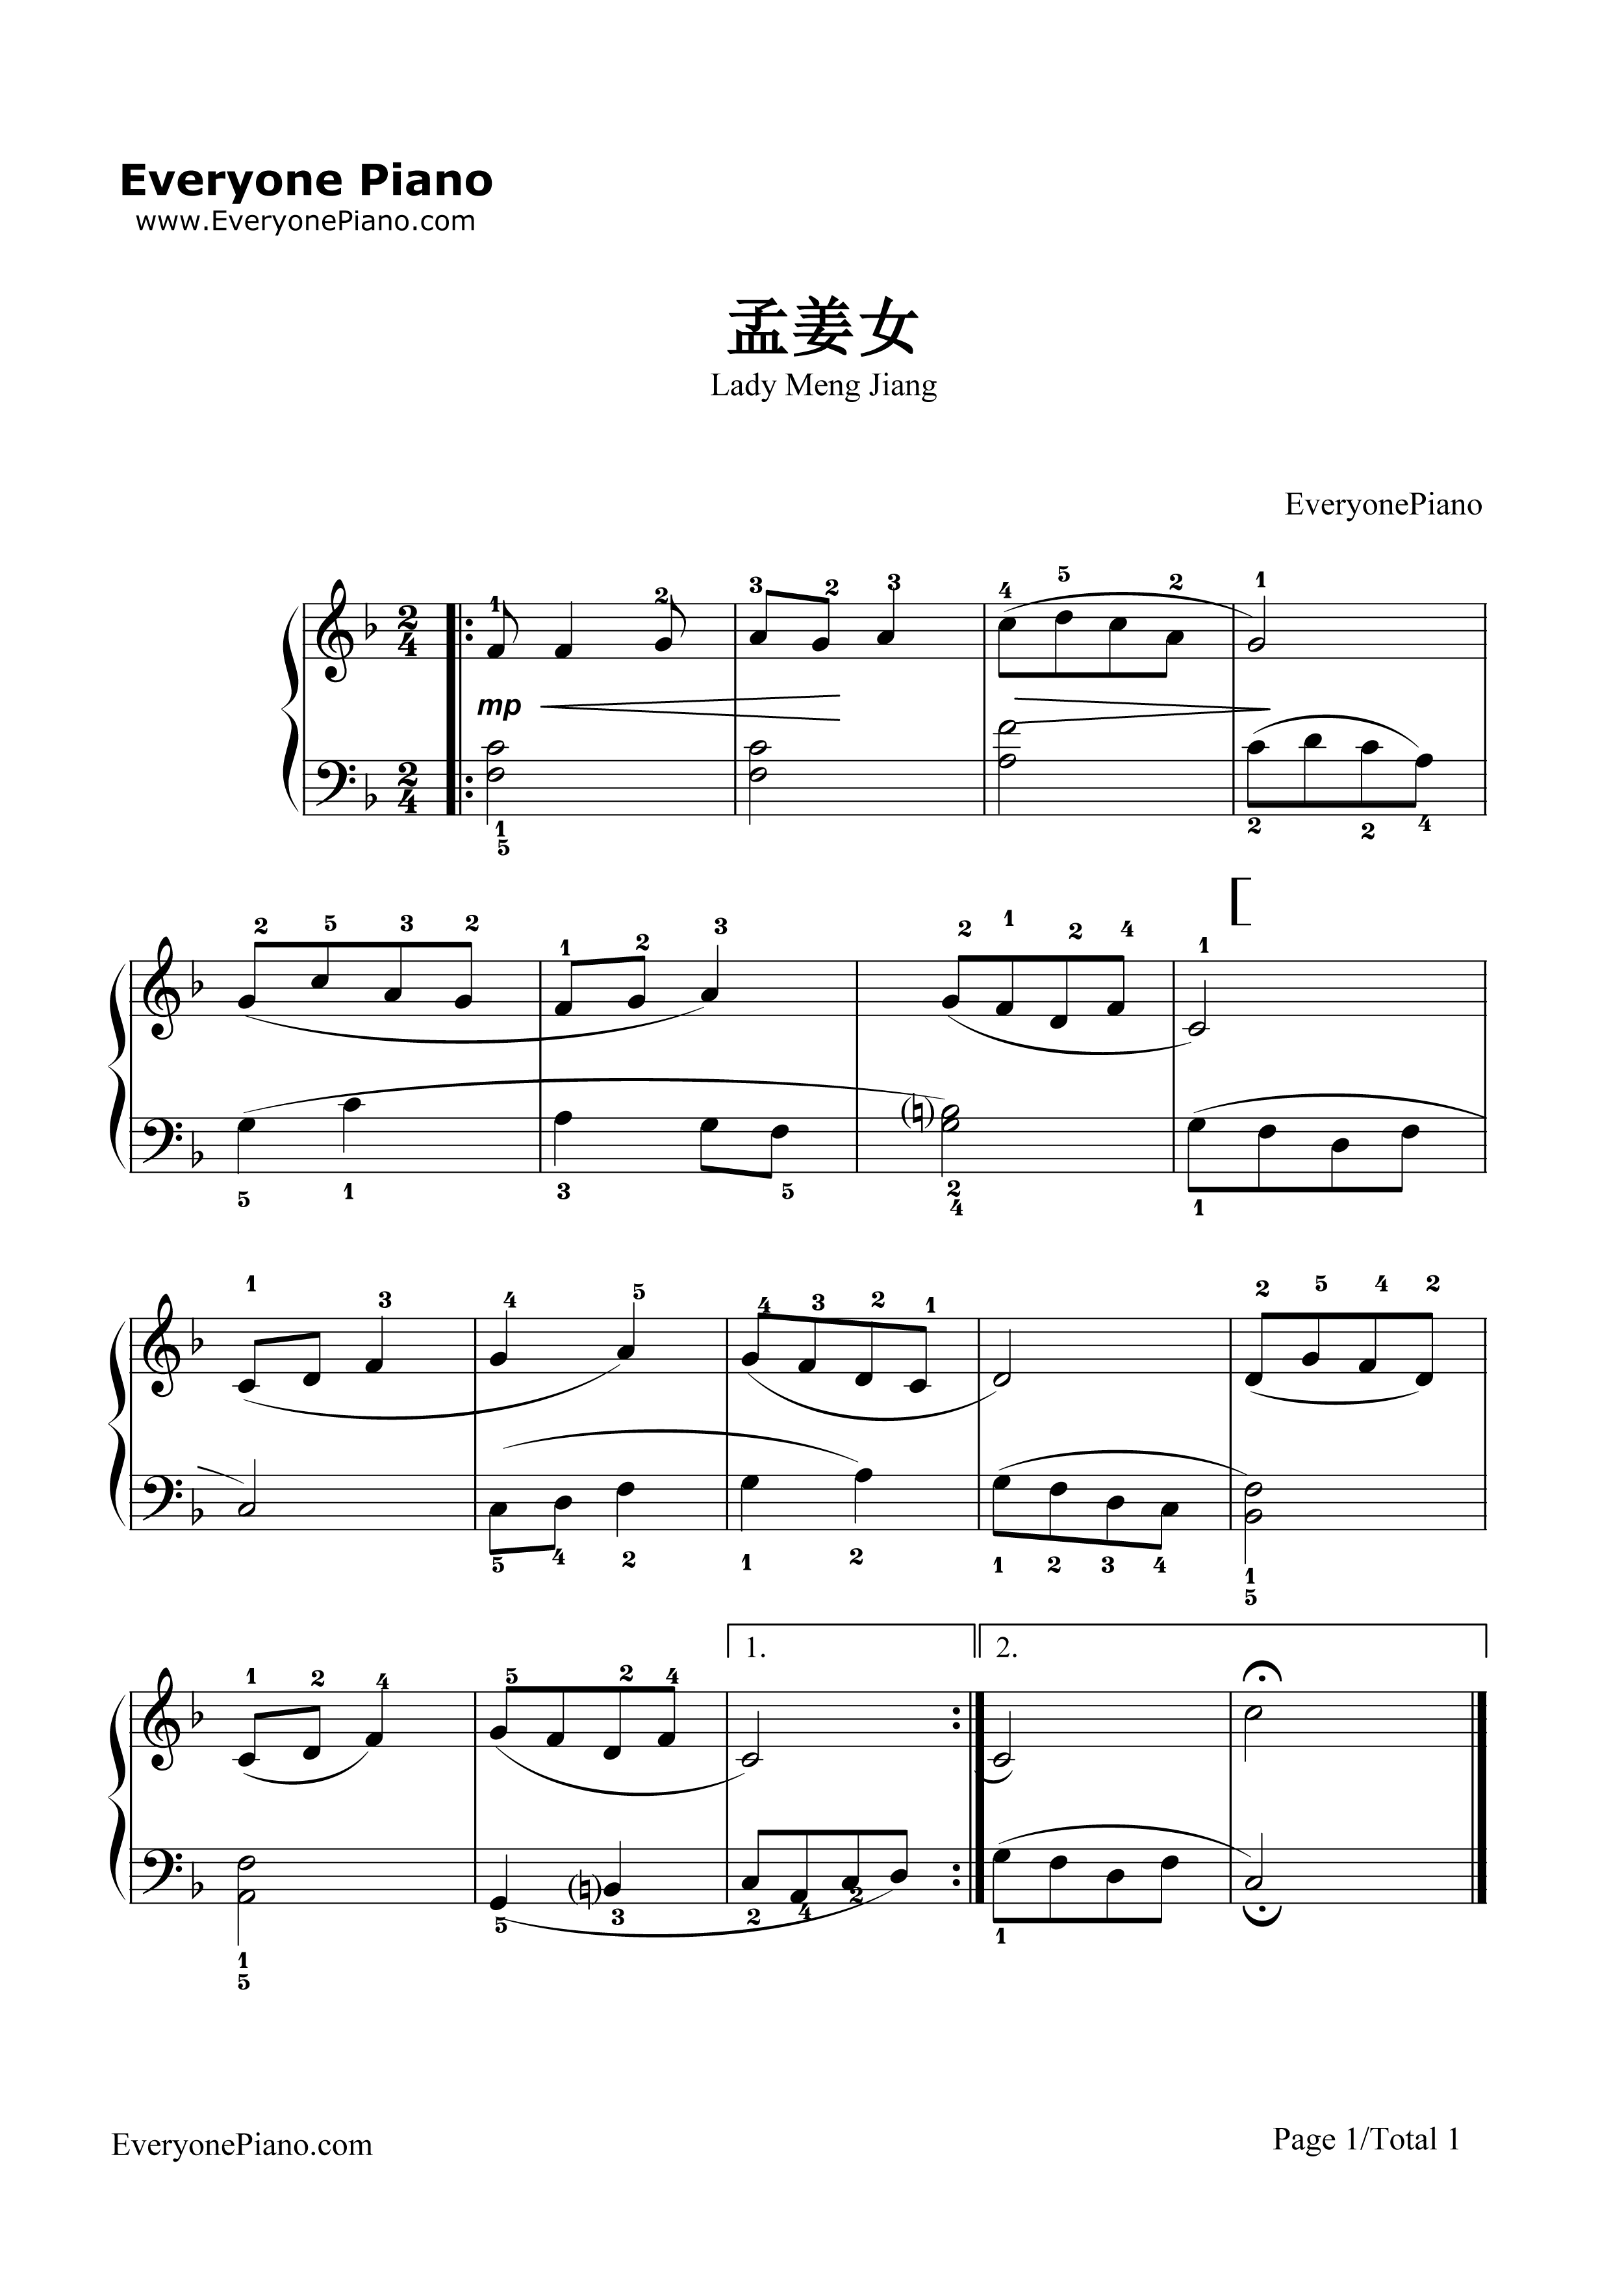 钢琴曲谱 民乐 孟姜女-江苏民歌 孟姜女-江苏民歌五线谱预览1   仅供